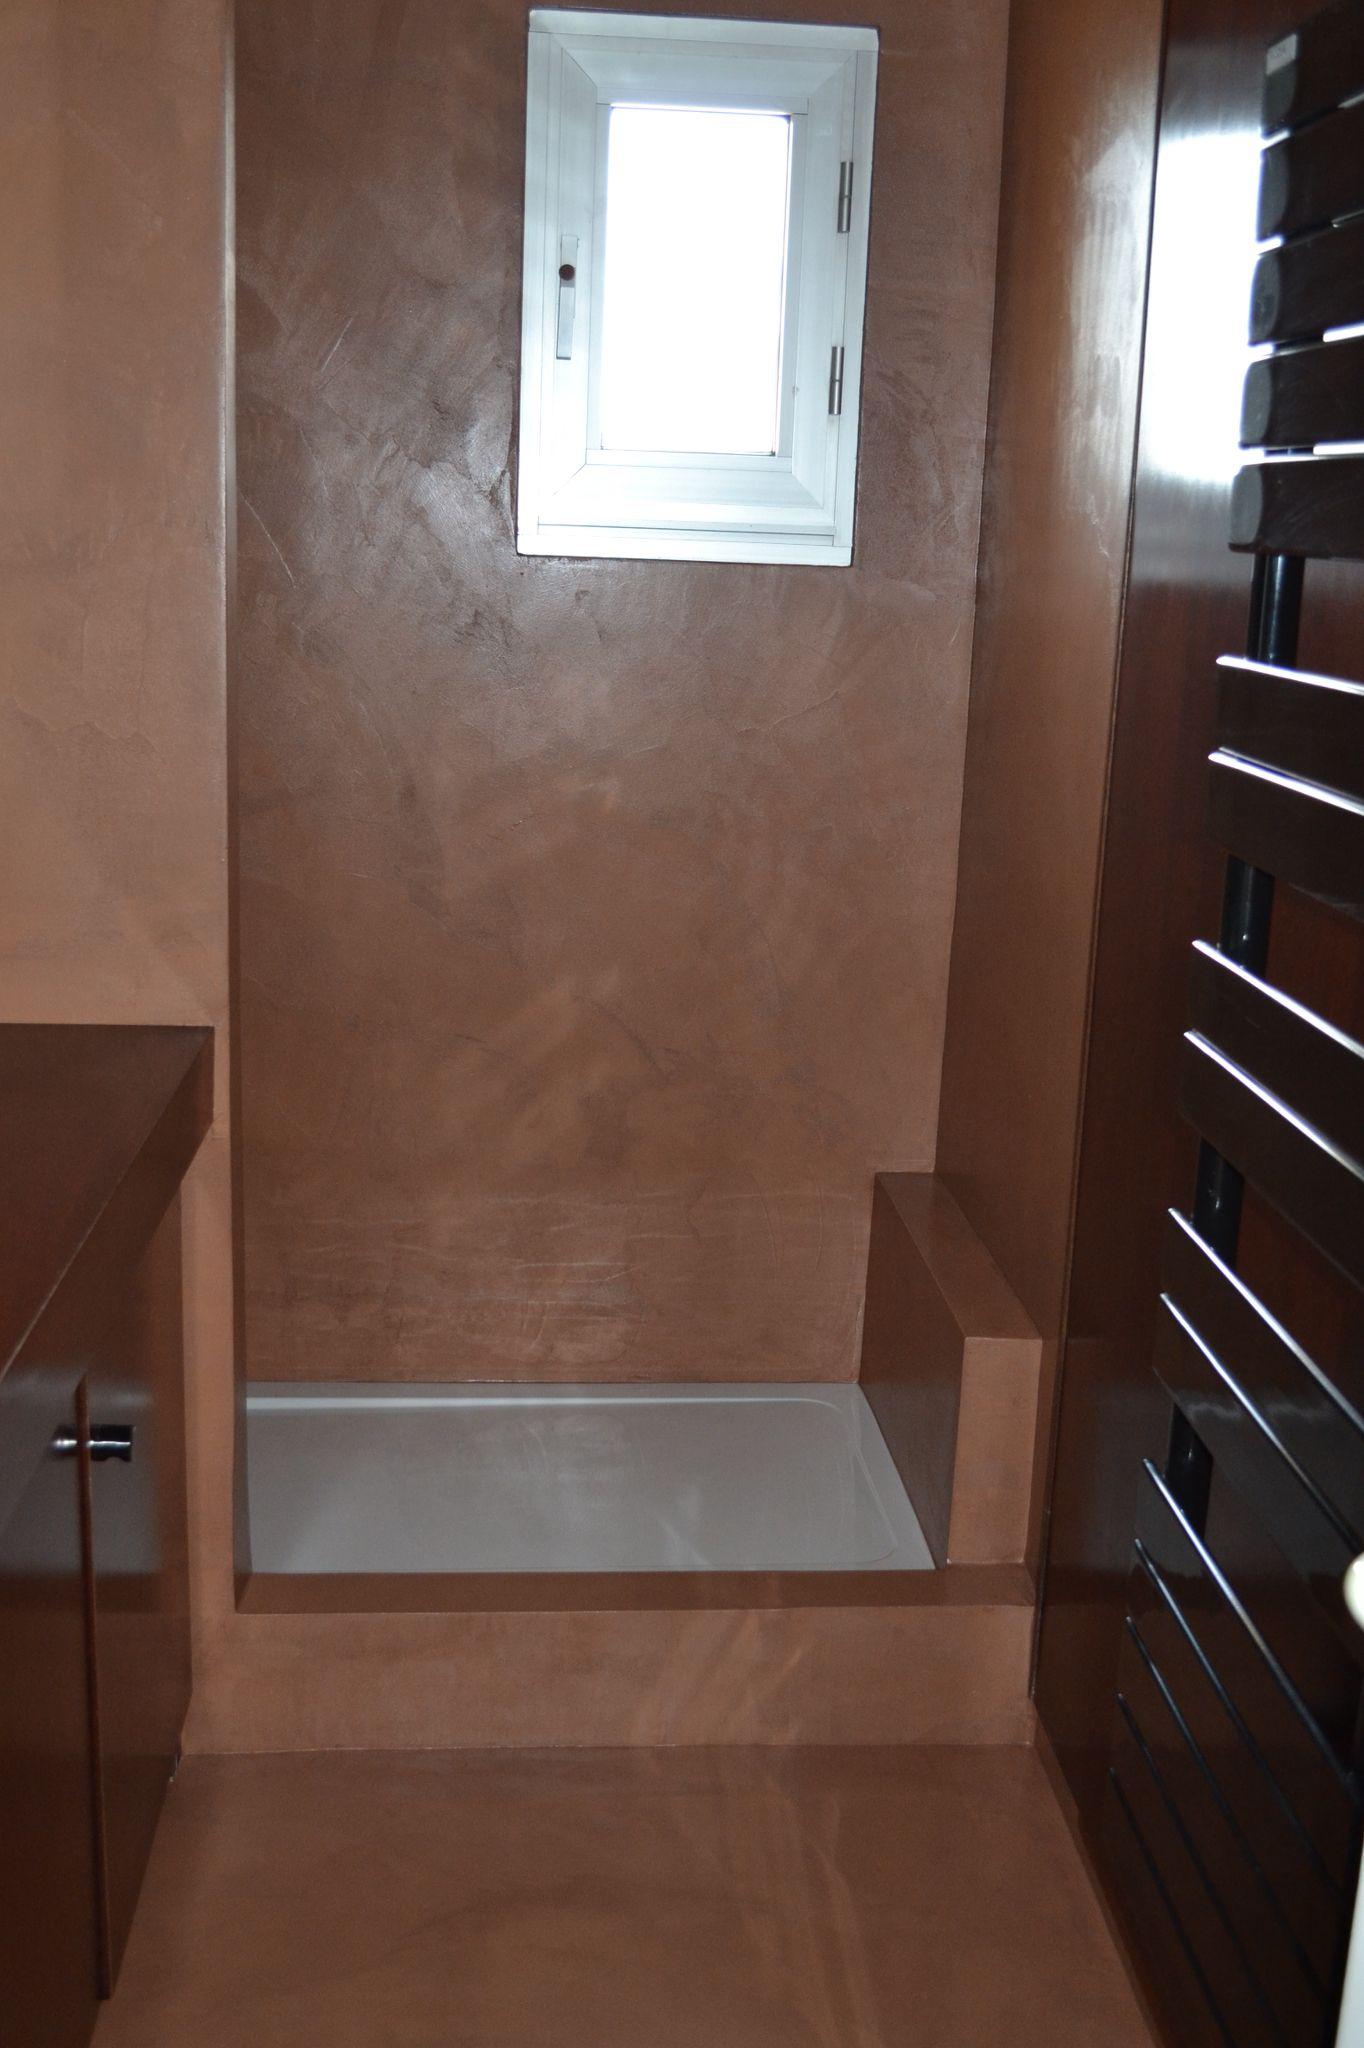 salle de bain en bà ton cirà couleur terre d argile ma s deco